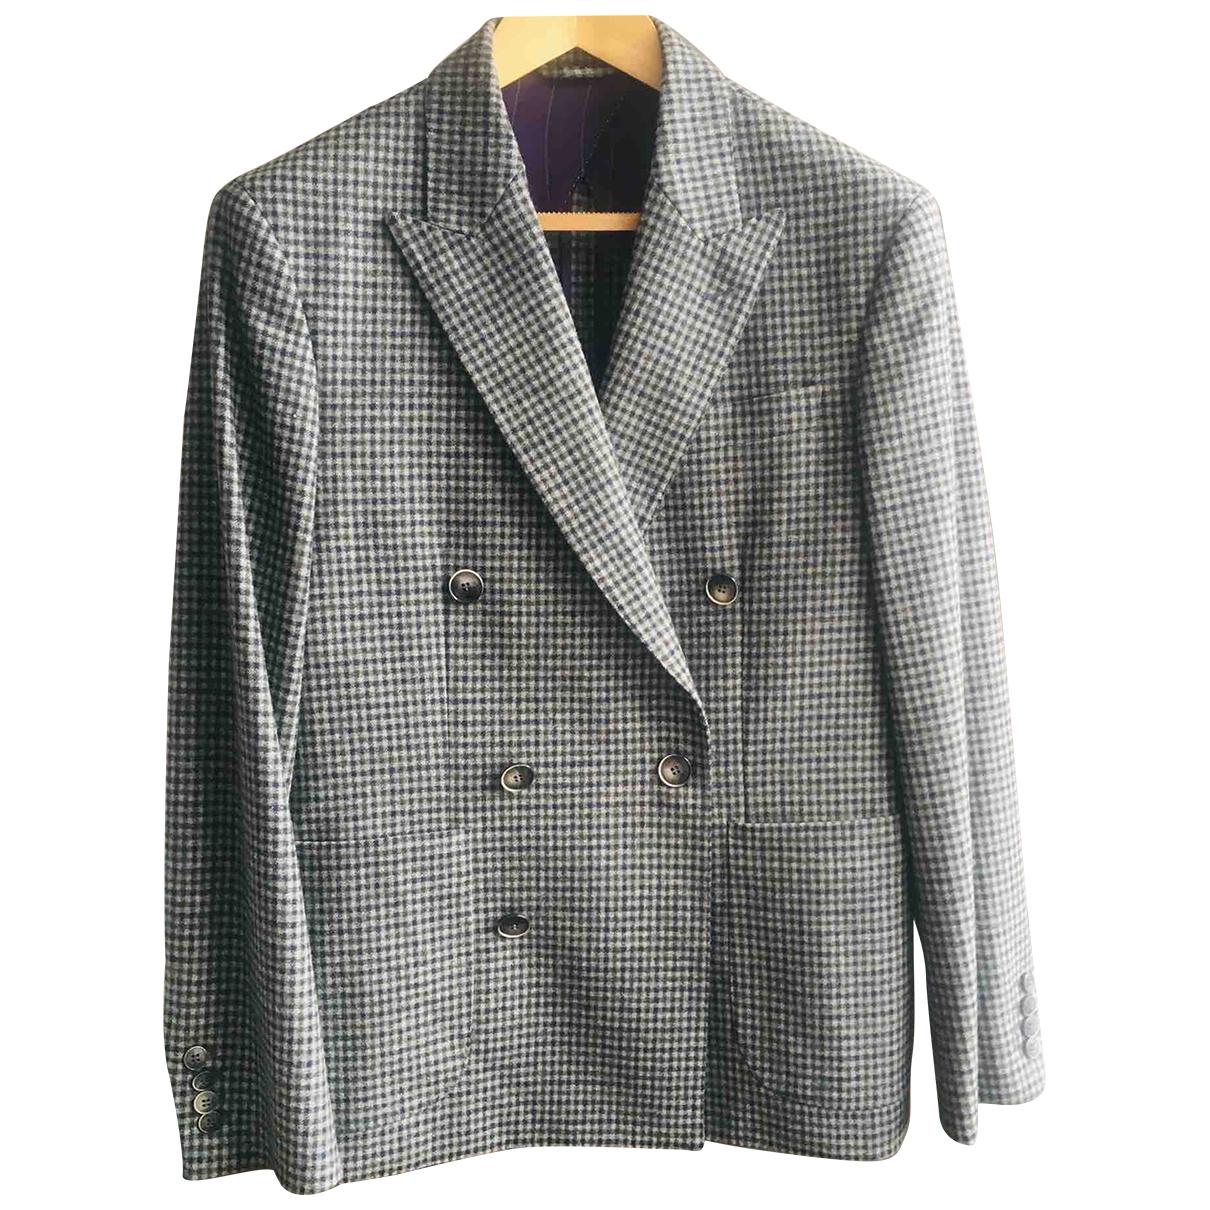 Hackett London \N Grey Wool jacket  for Men 40 UK - US